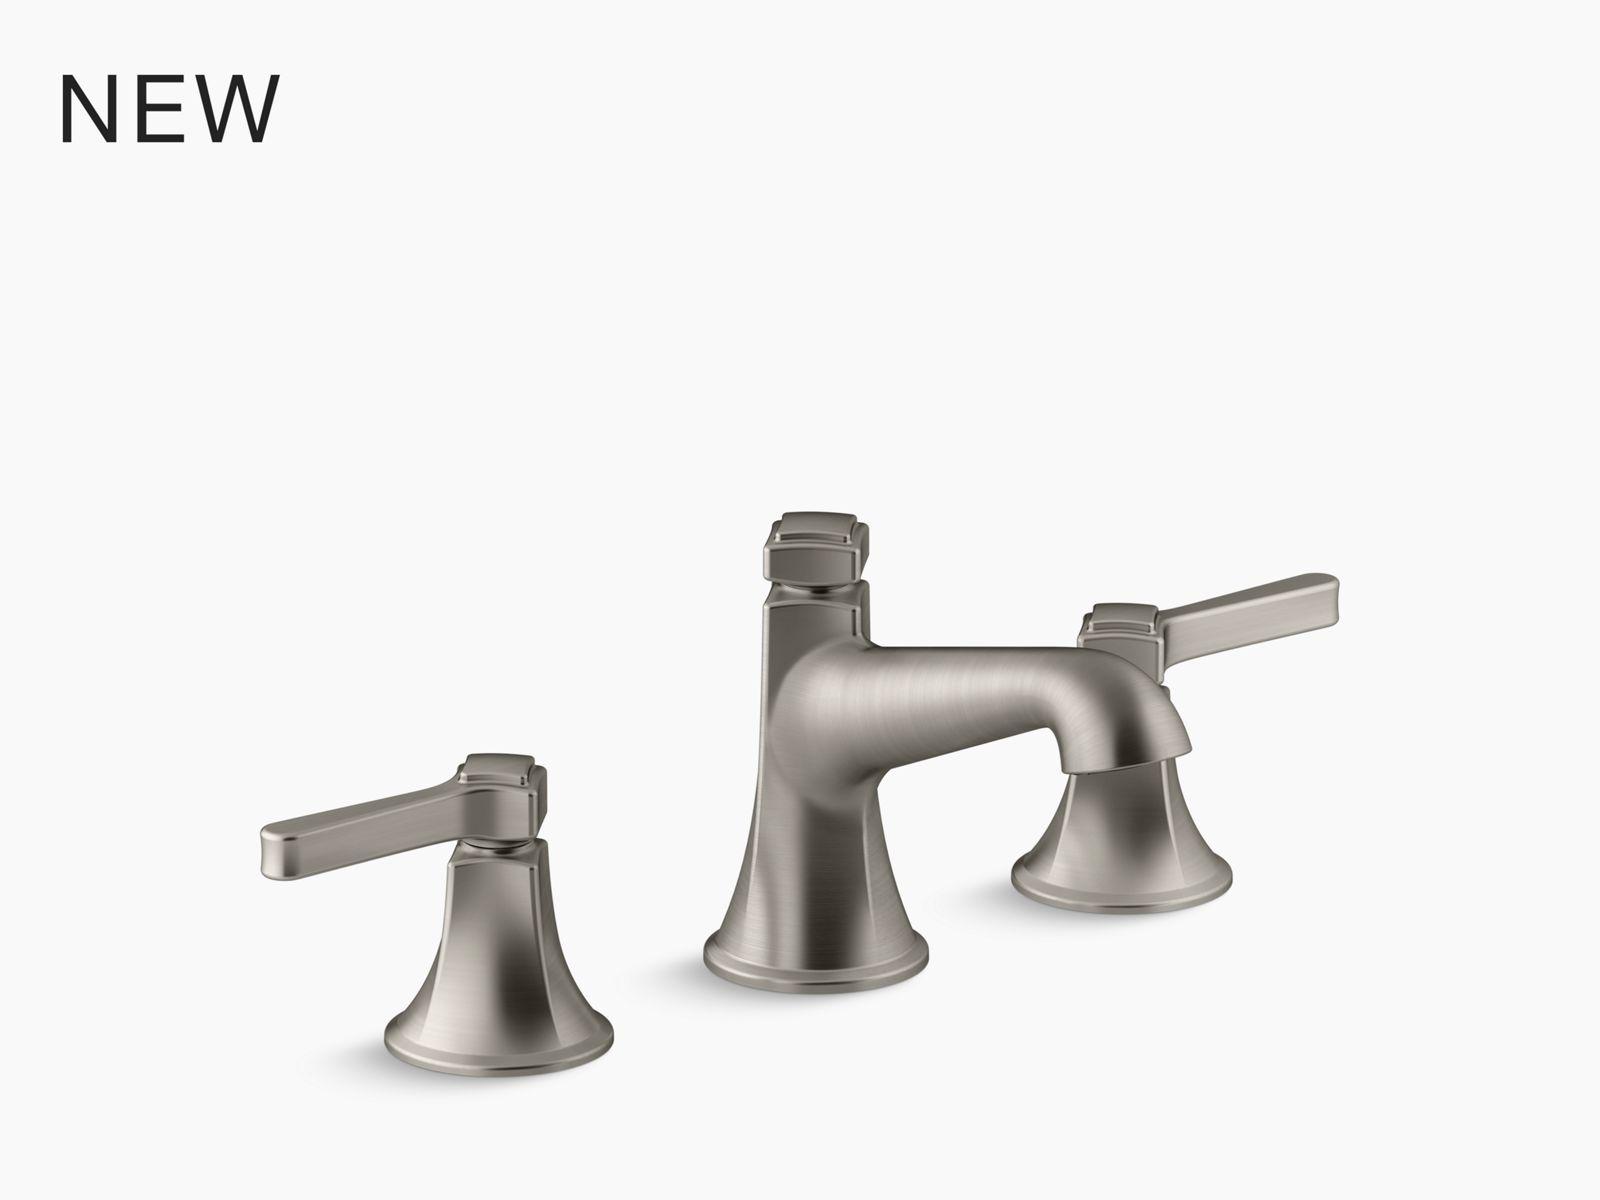 brookline 19 diameter drop in bathroom sink with 4 centerset faucet holes